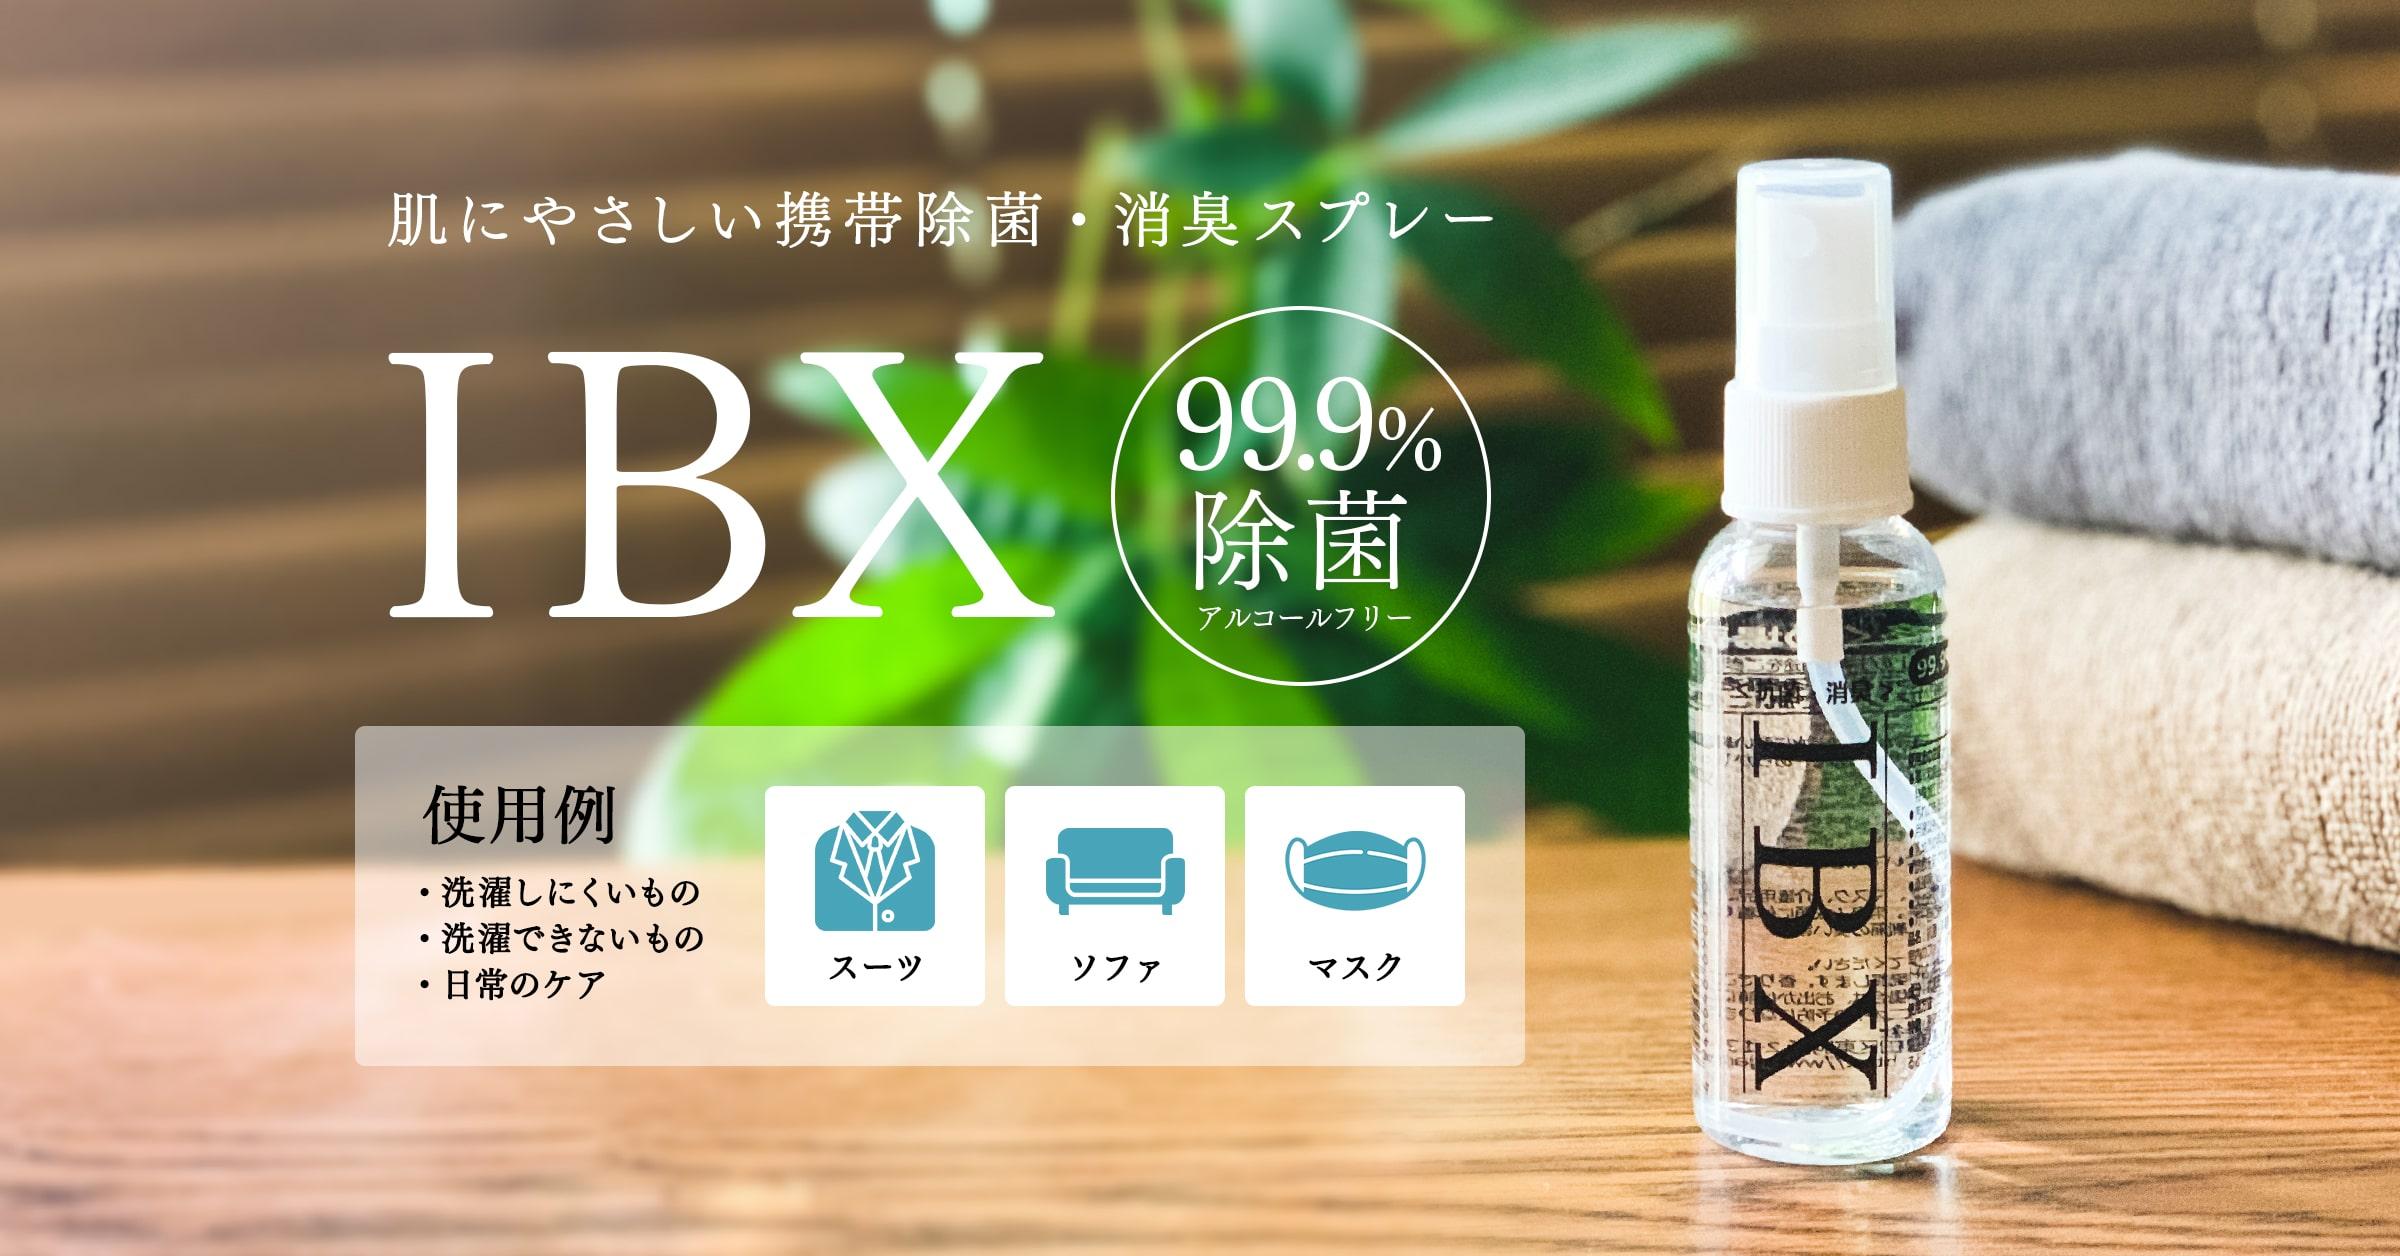 除菌消臭スプレーIBX2本セット